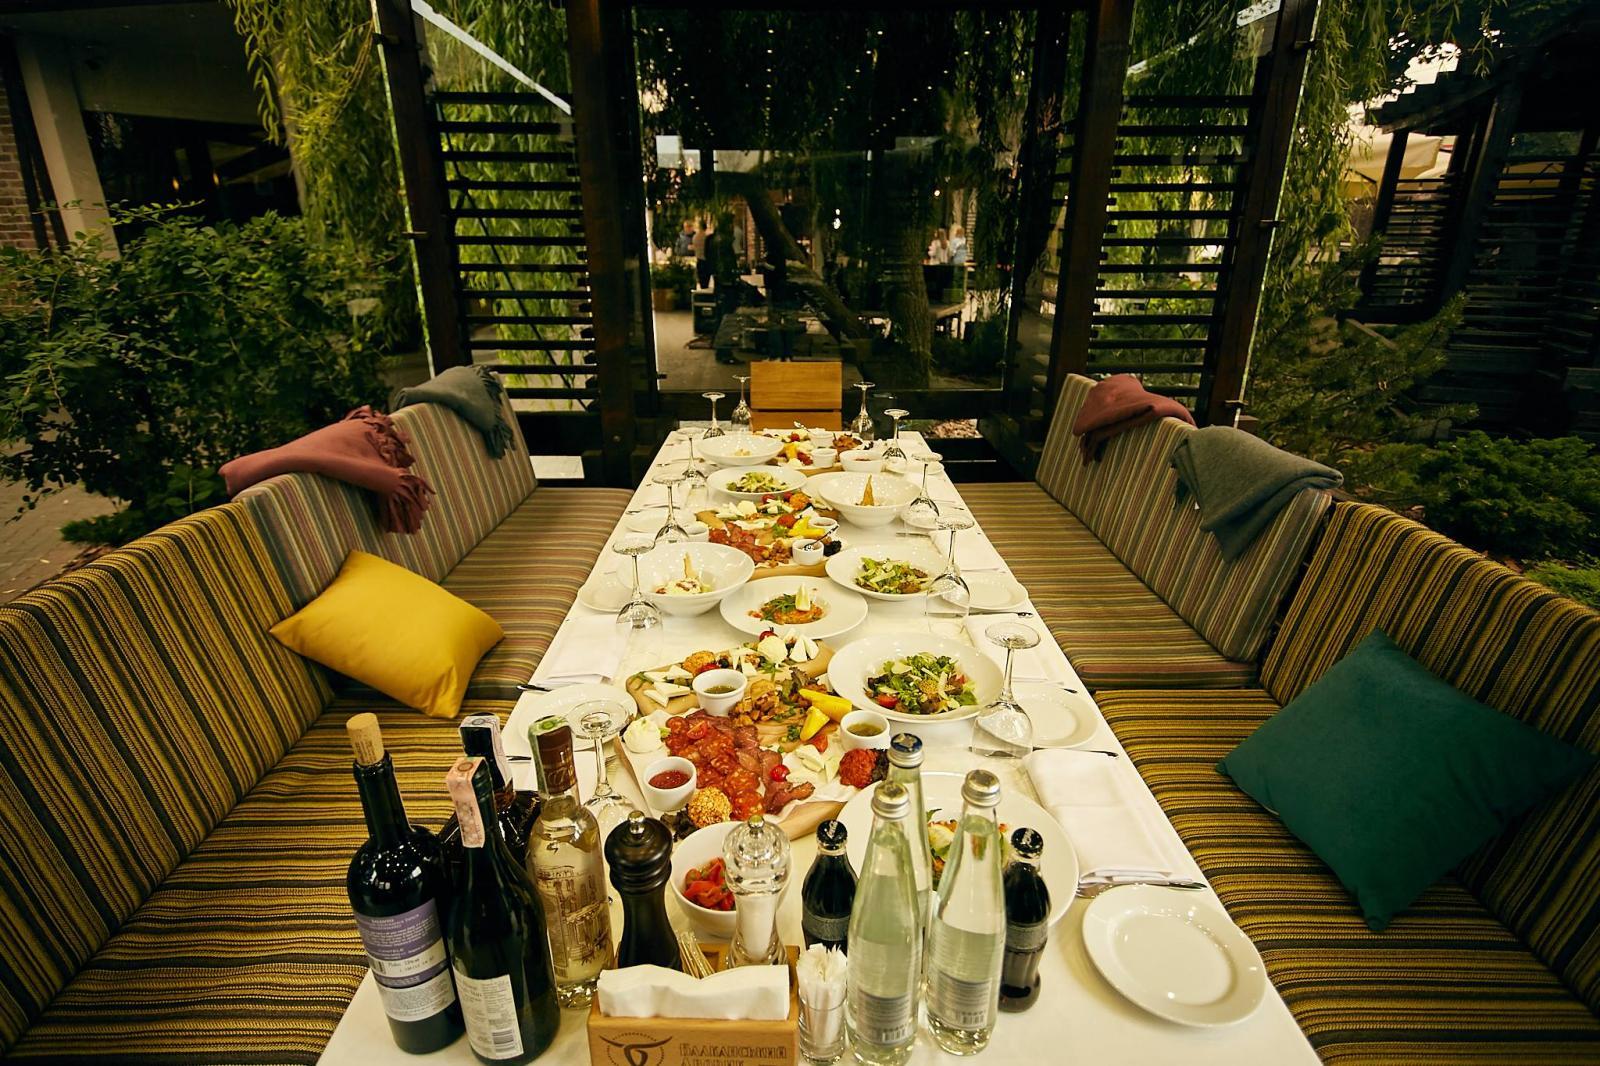 961334c38e2a7c ... люблять своїх відвідувачів та пропонують лише найкраще. «Відчуй Балкани  на смак» – саме так звучить гасло нового ресторану на околиці міста.